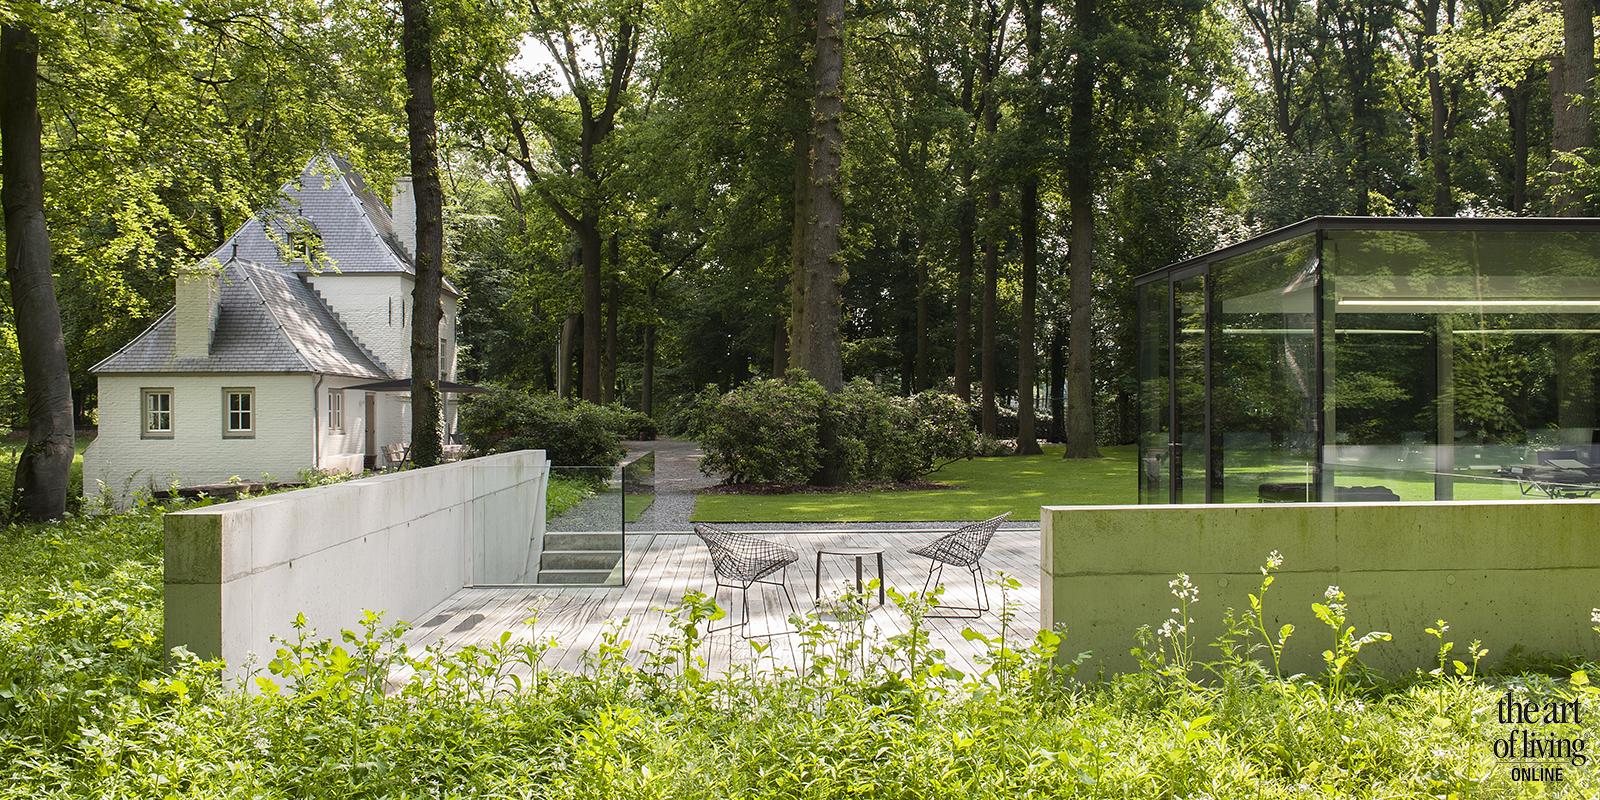 minimalistisch wonen, francine broos, the art of living